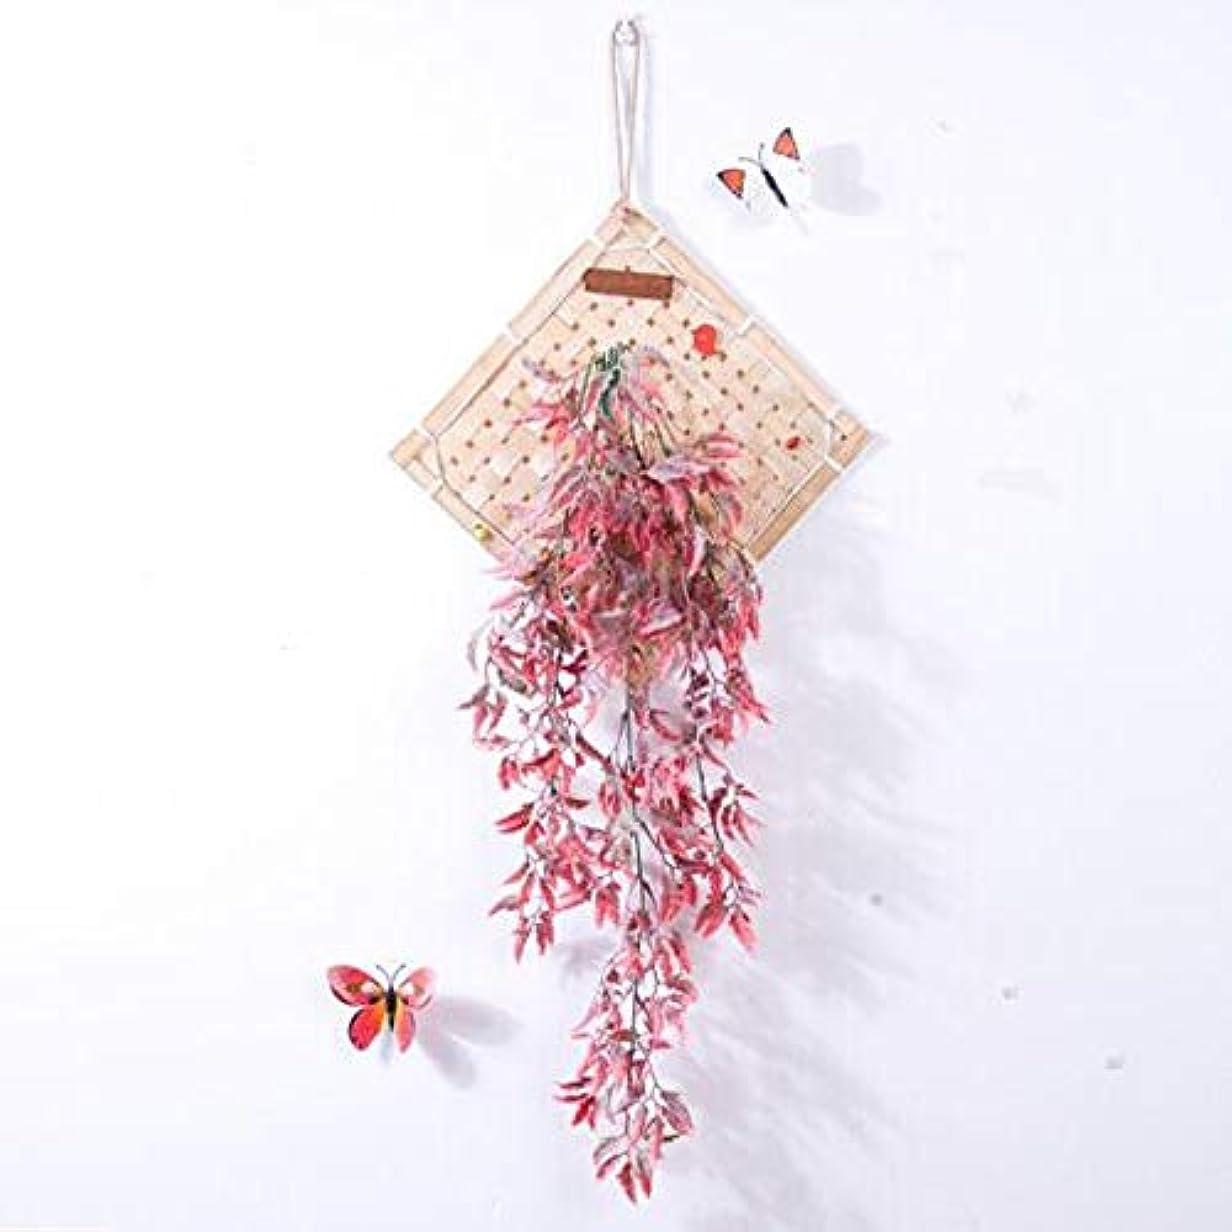 蛾試みるトムオードリースYougou01 風チャイム、クリエイティブ?竹ホームデコレーション風チャイム、パープル、幅38.5CM 、創造的な装飾 (Color : Pink)